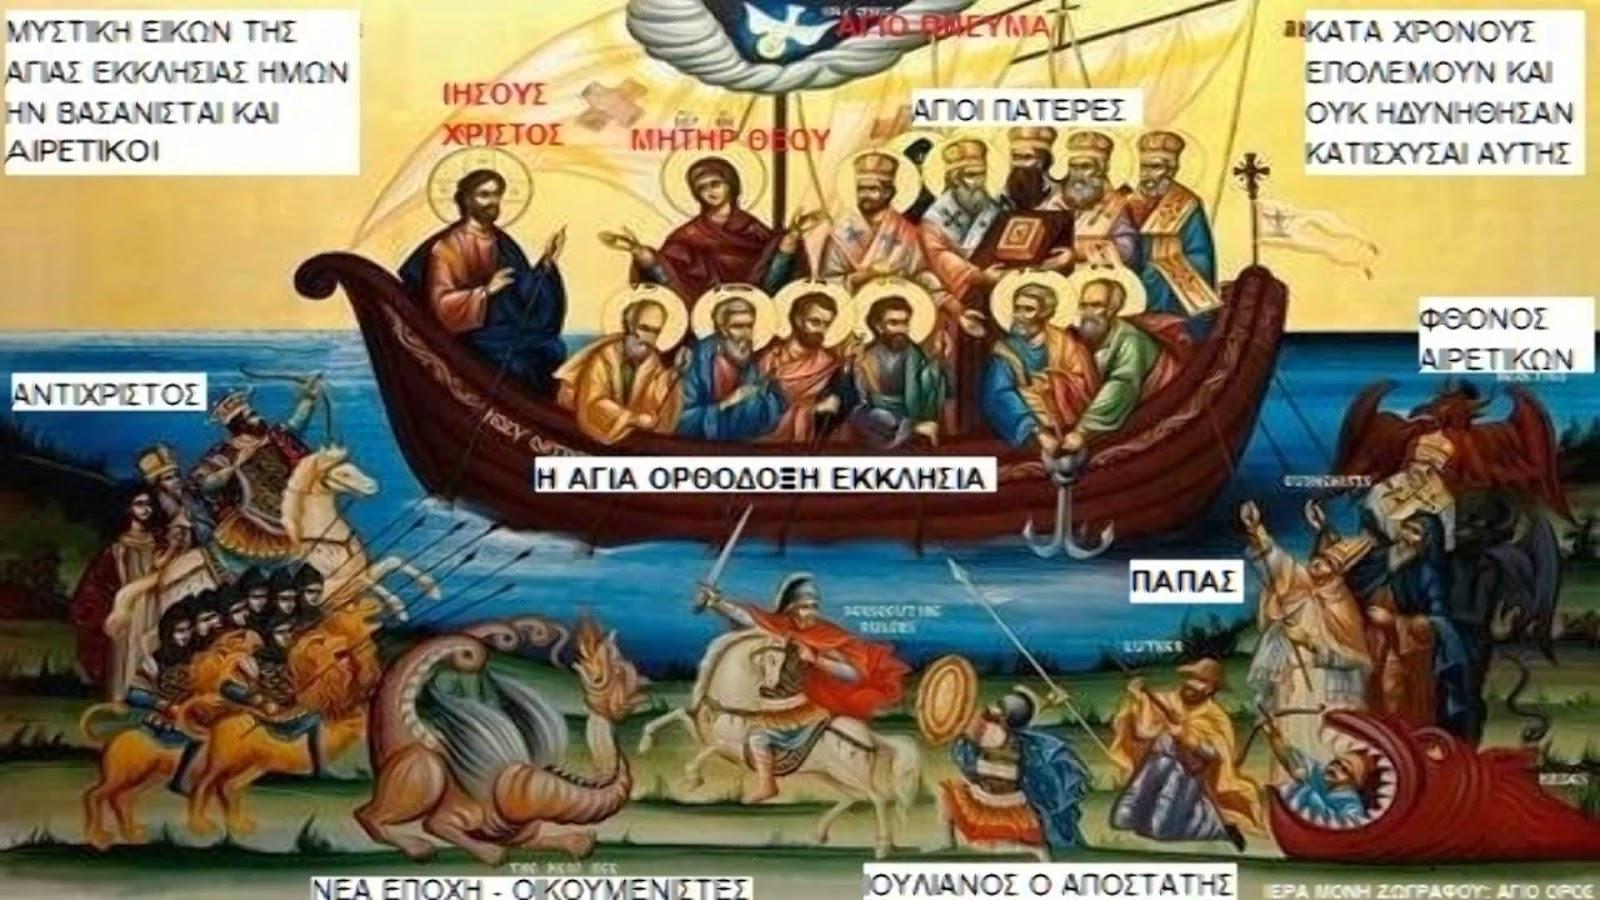 Η Αγία Ορθόδοξη Εκκλησία